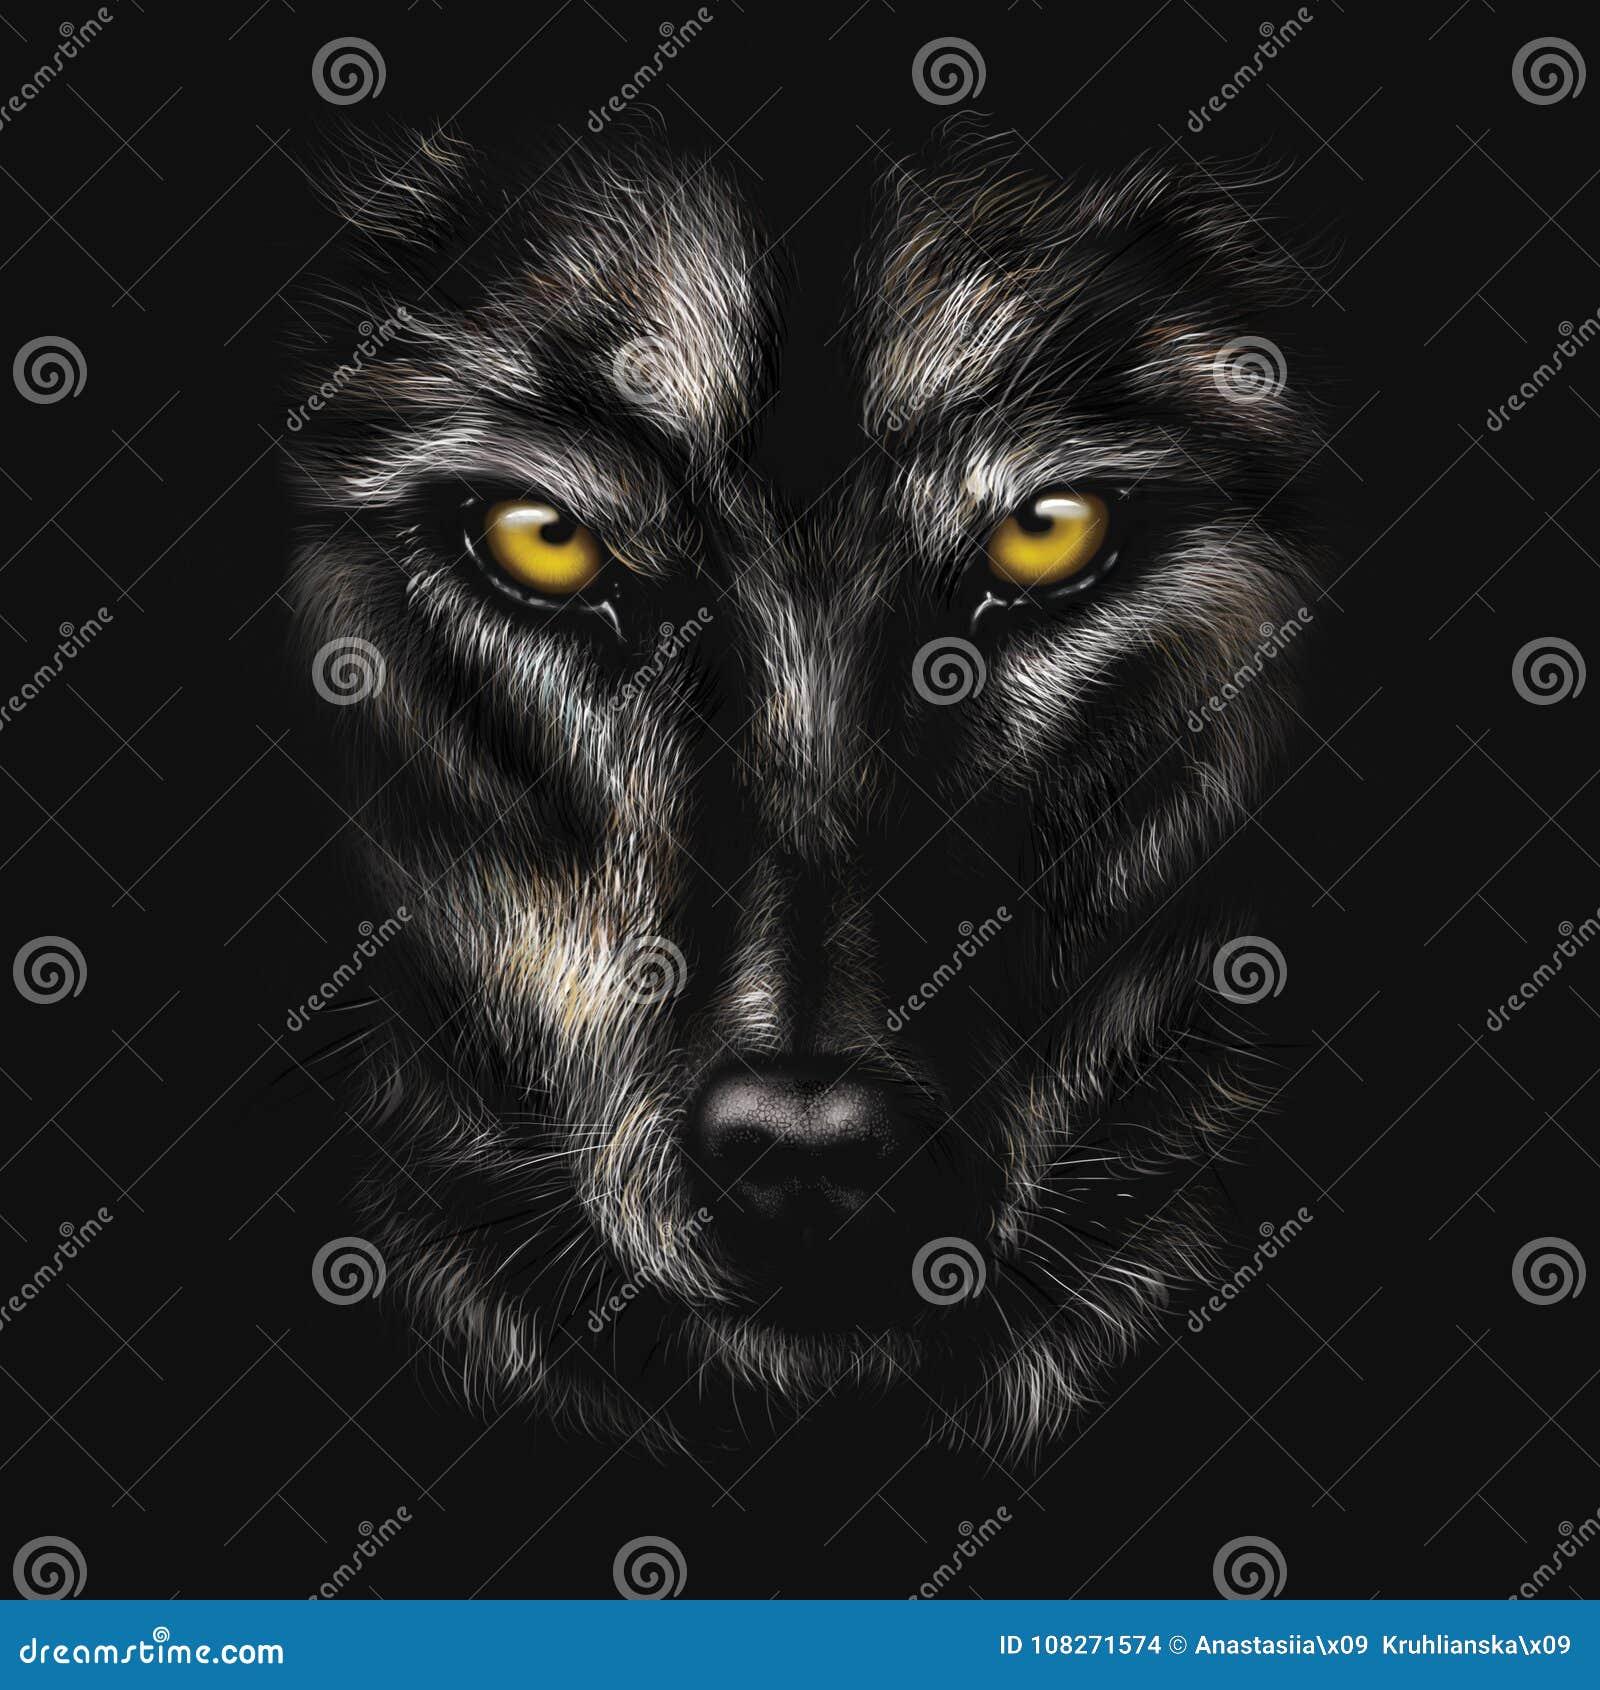 Rysunku Portret Czarny Wilk Ilustracji Ilustracja Złożonej